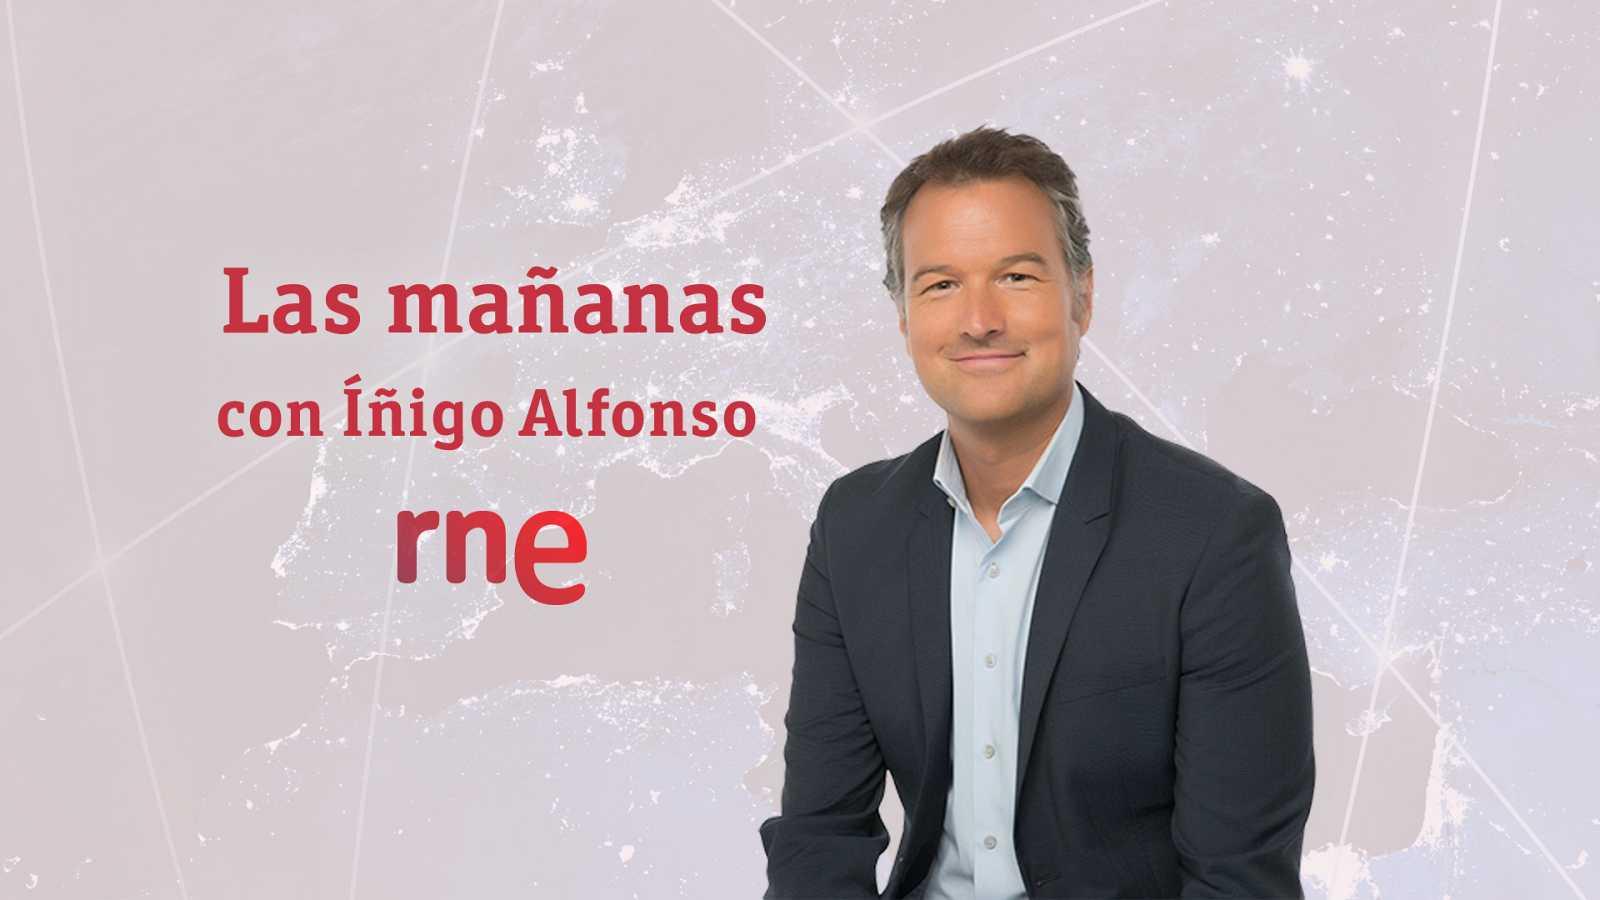 Las mañanas de RNE con Íñigo Alfonso - Primera hora - 04/12/20 - escuchar ahora